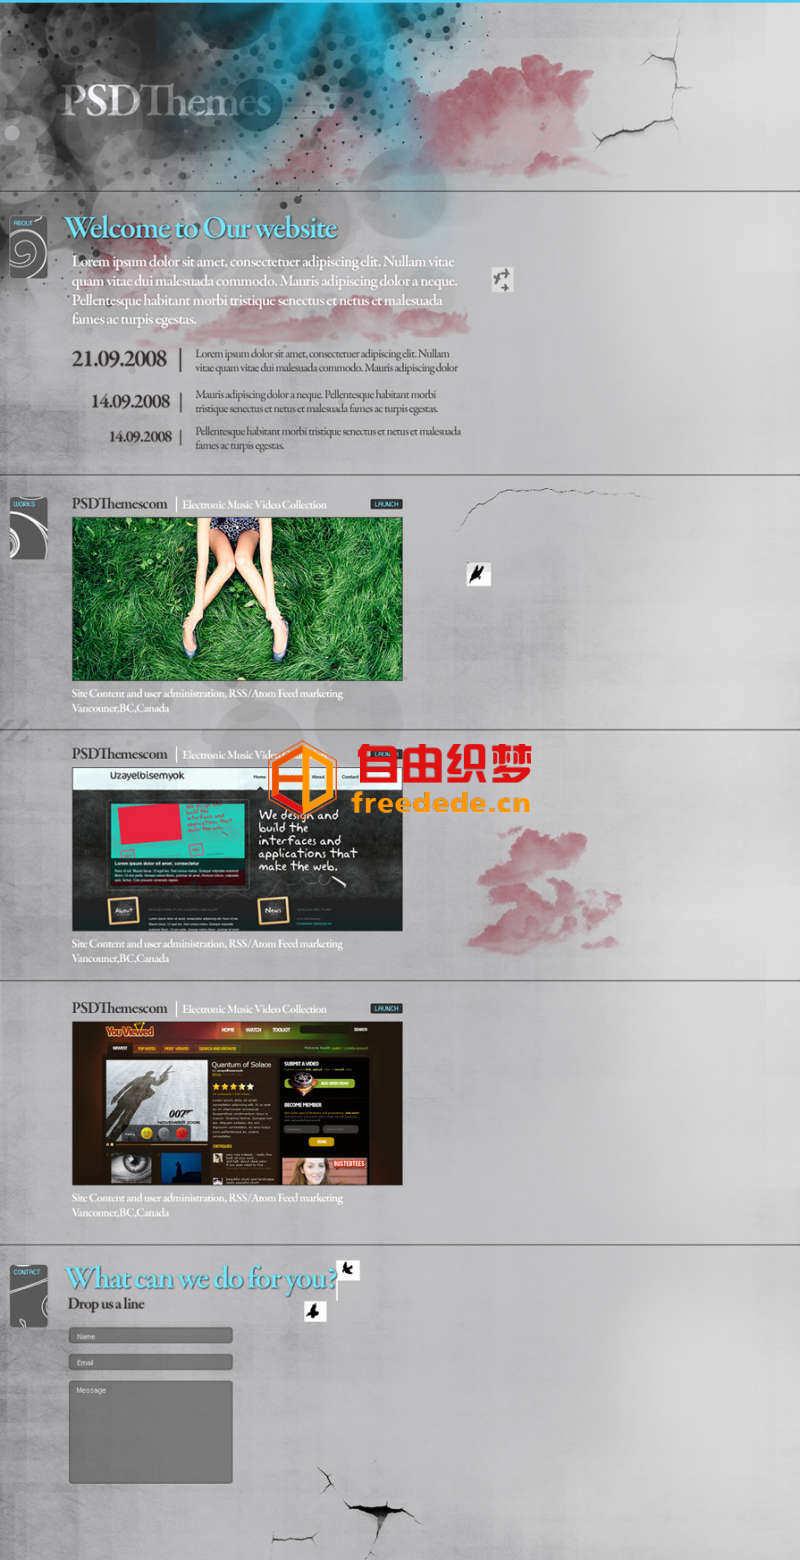 爱上源码网文章灰色网页的psd轻博客网页模板下载的内容插图